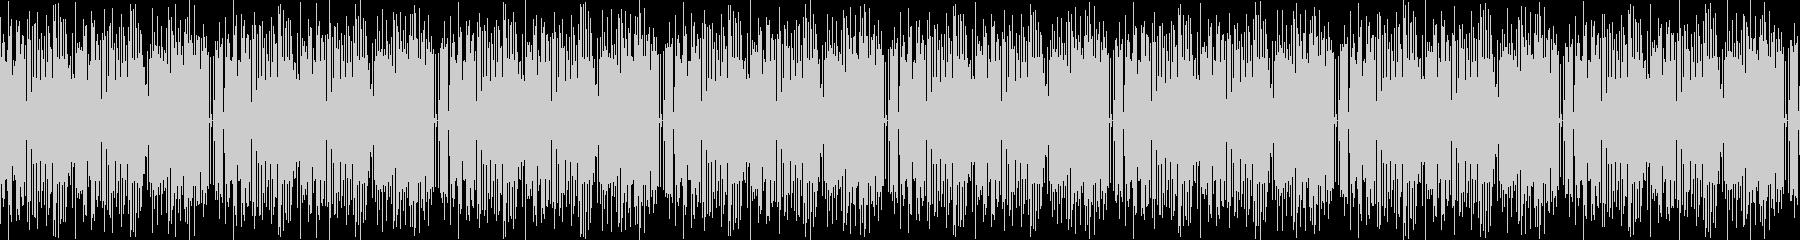 カフェをイメージした8bit系ジャズの未再生の波形